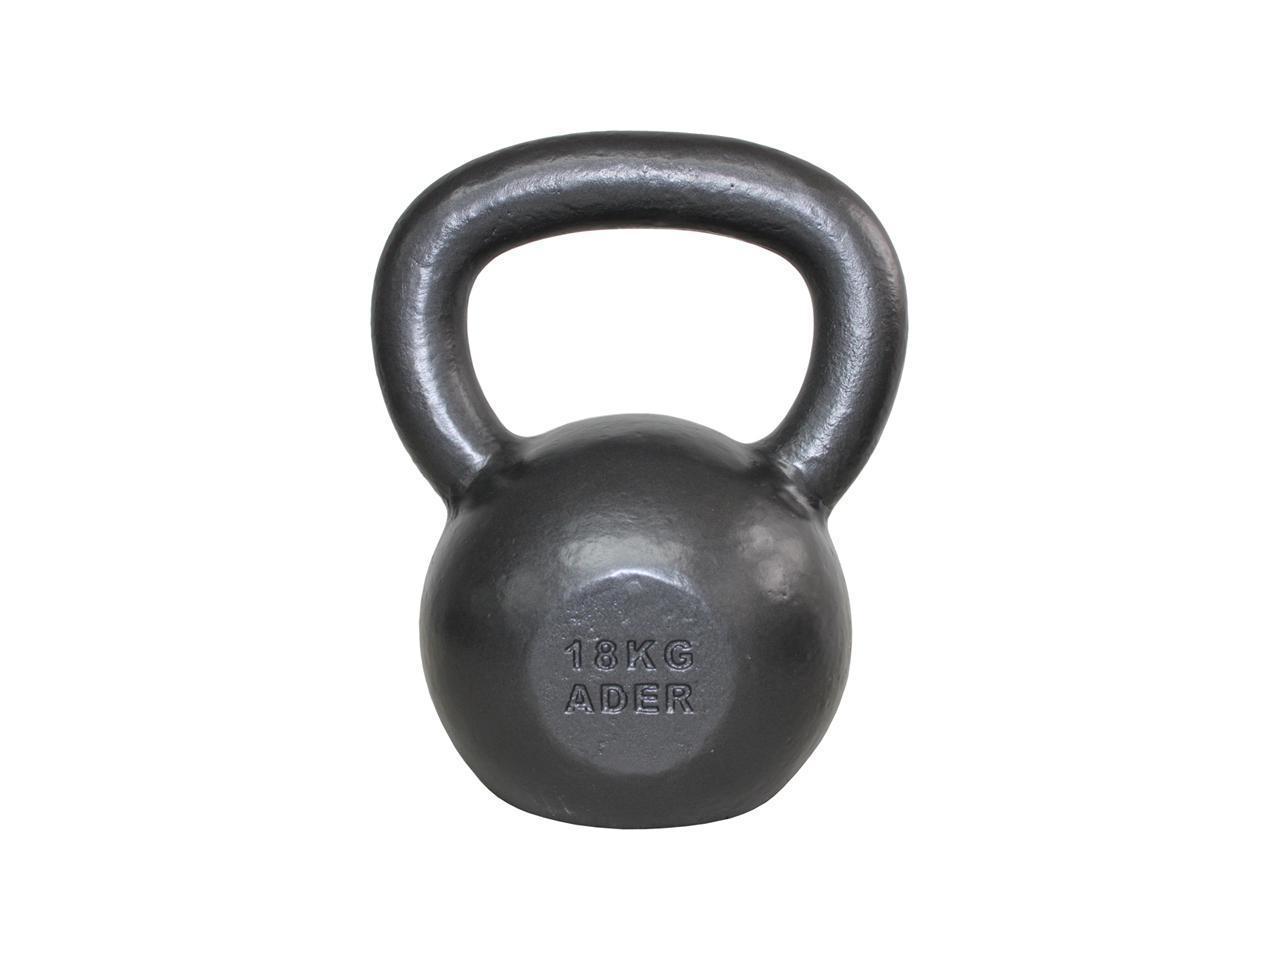 NEW Weider 30 Lb Pound Kettlebell PAIR Weight Cast Iron Kettle Bell 60 LB TOTAL